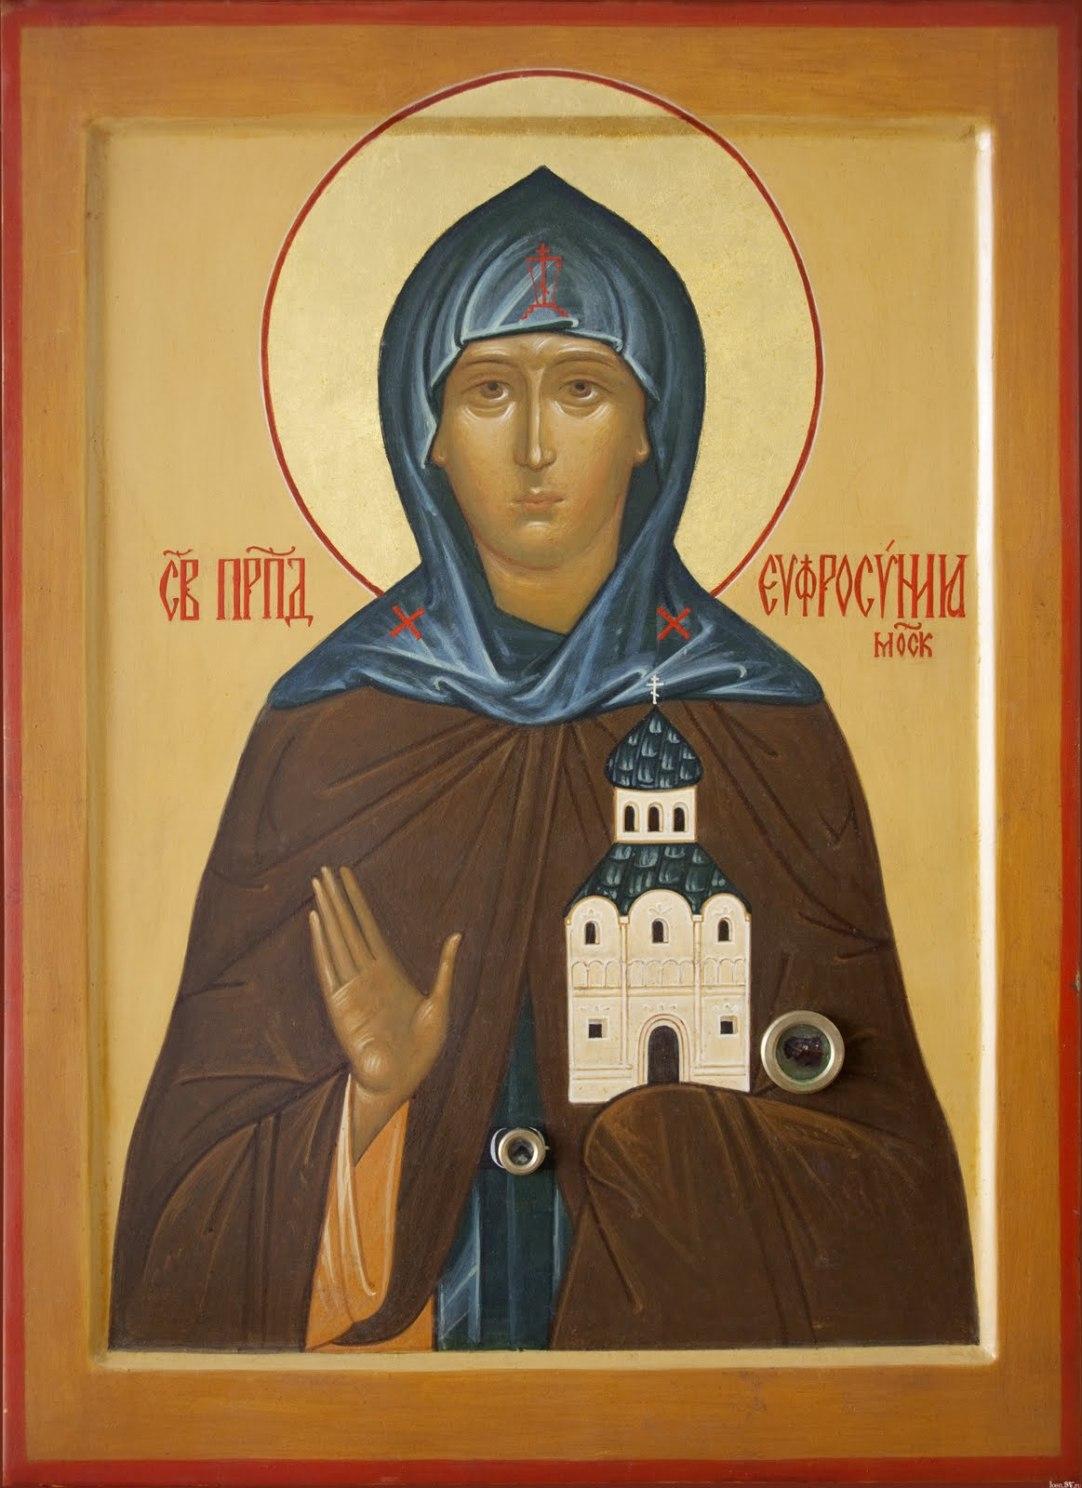 Какой сегодня праздник 30 мая 2019: церковный праздник Евдокия Свистунья отмечают в России